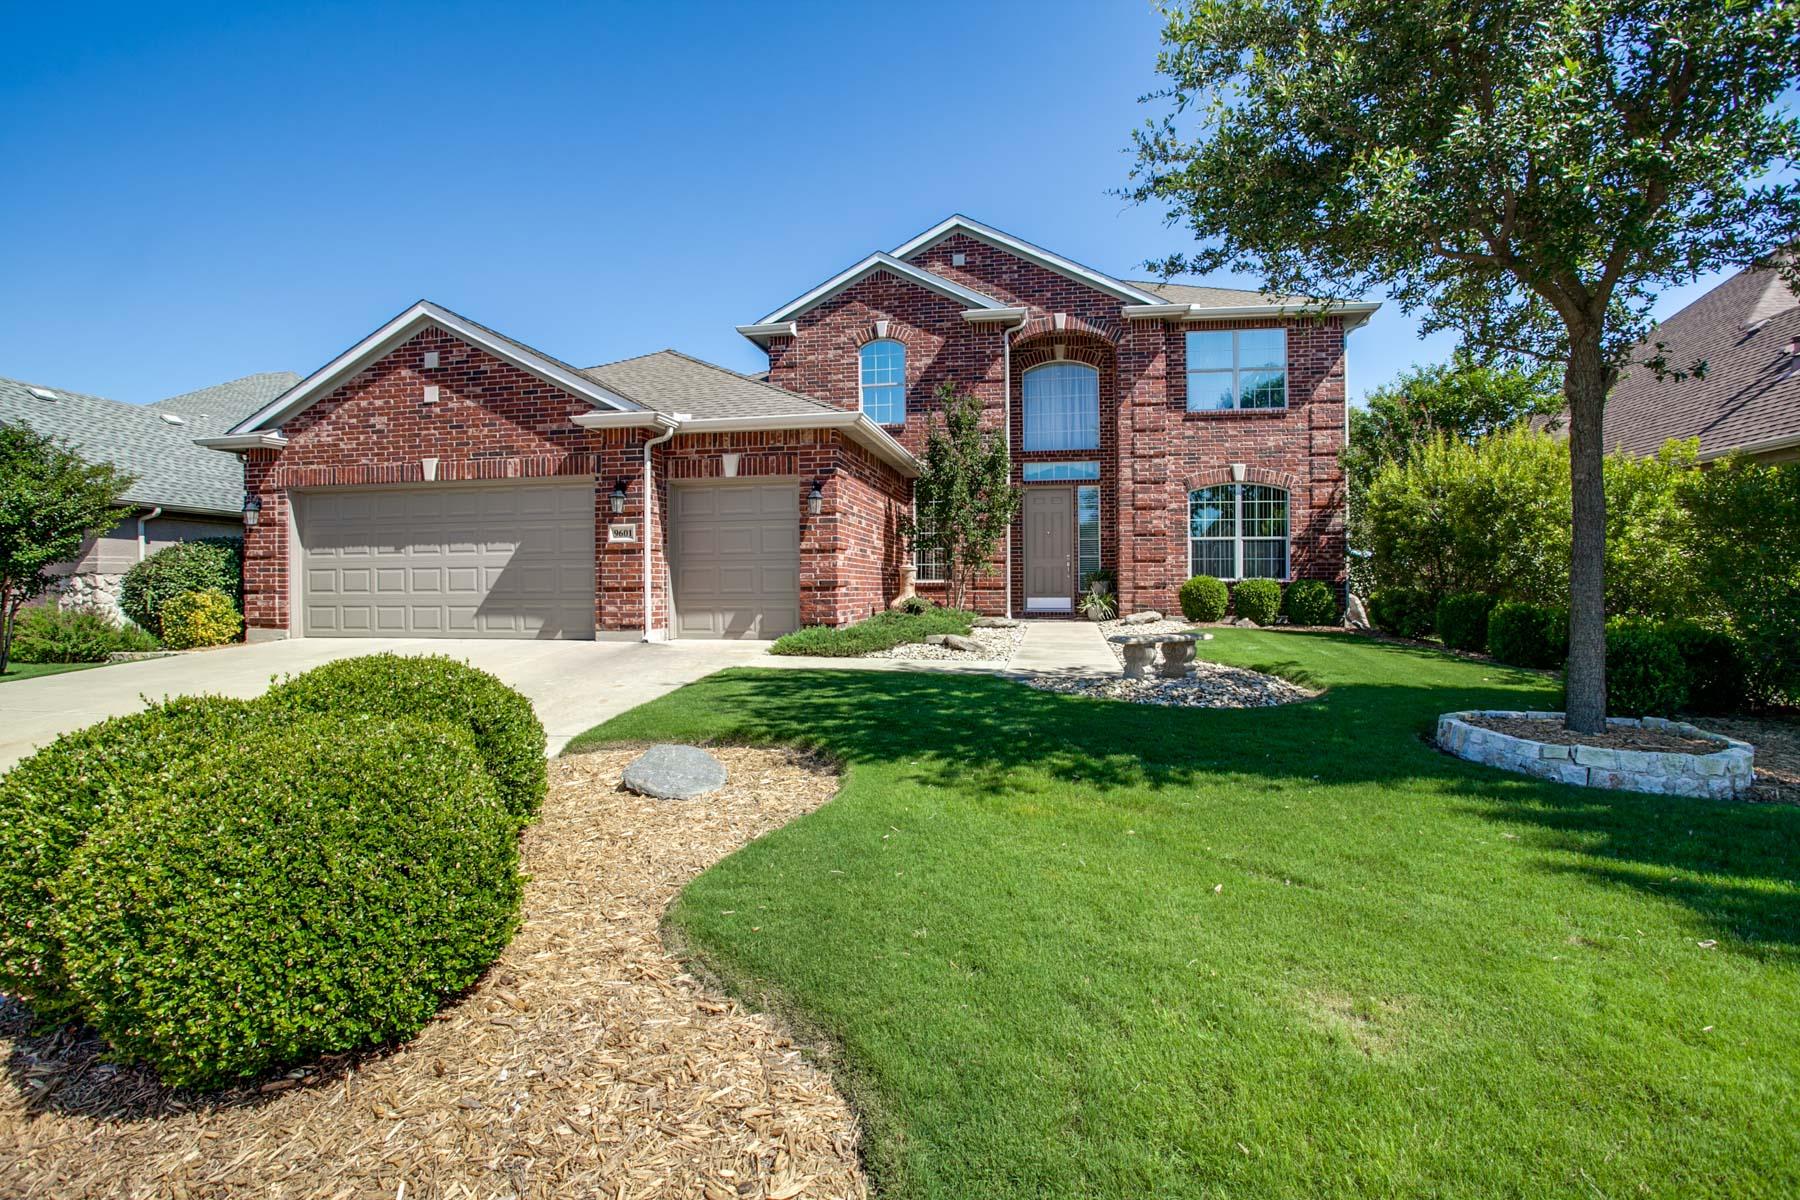 Casa Unifamiliar por un Venta en Active Adult Resort - Robson Ranch 9601 Grandview Drive Denton, Texas 76207 Estados Unidos